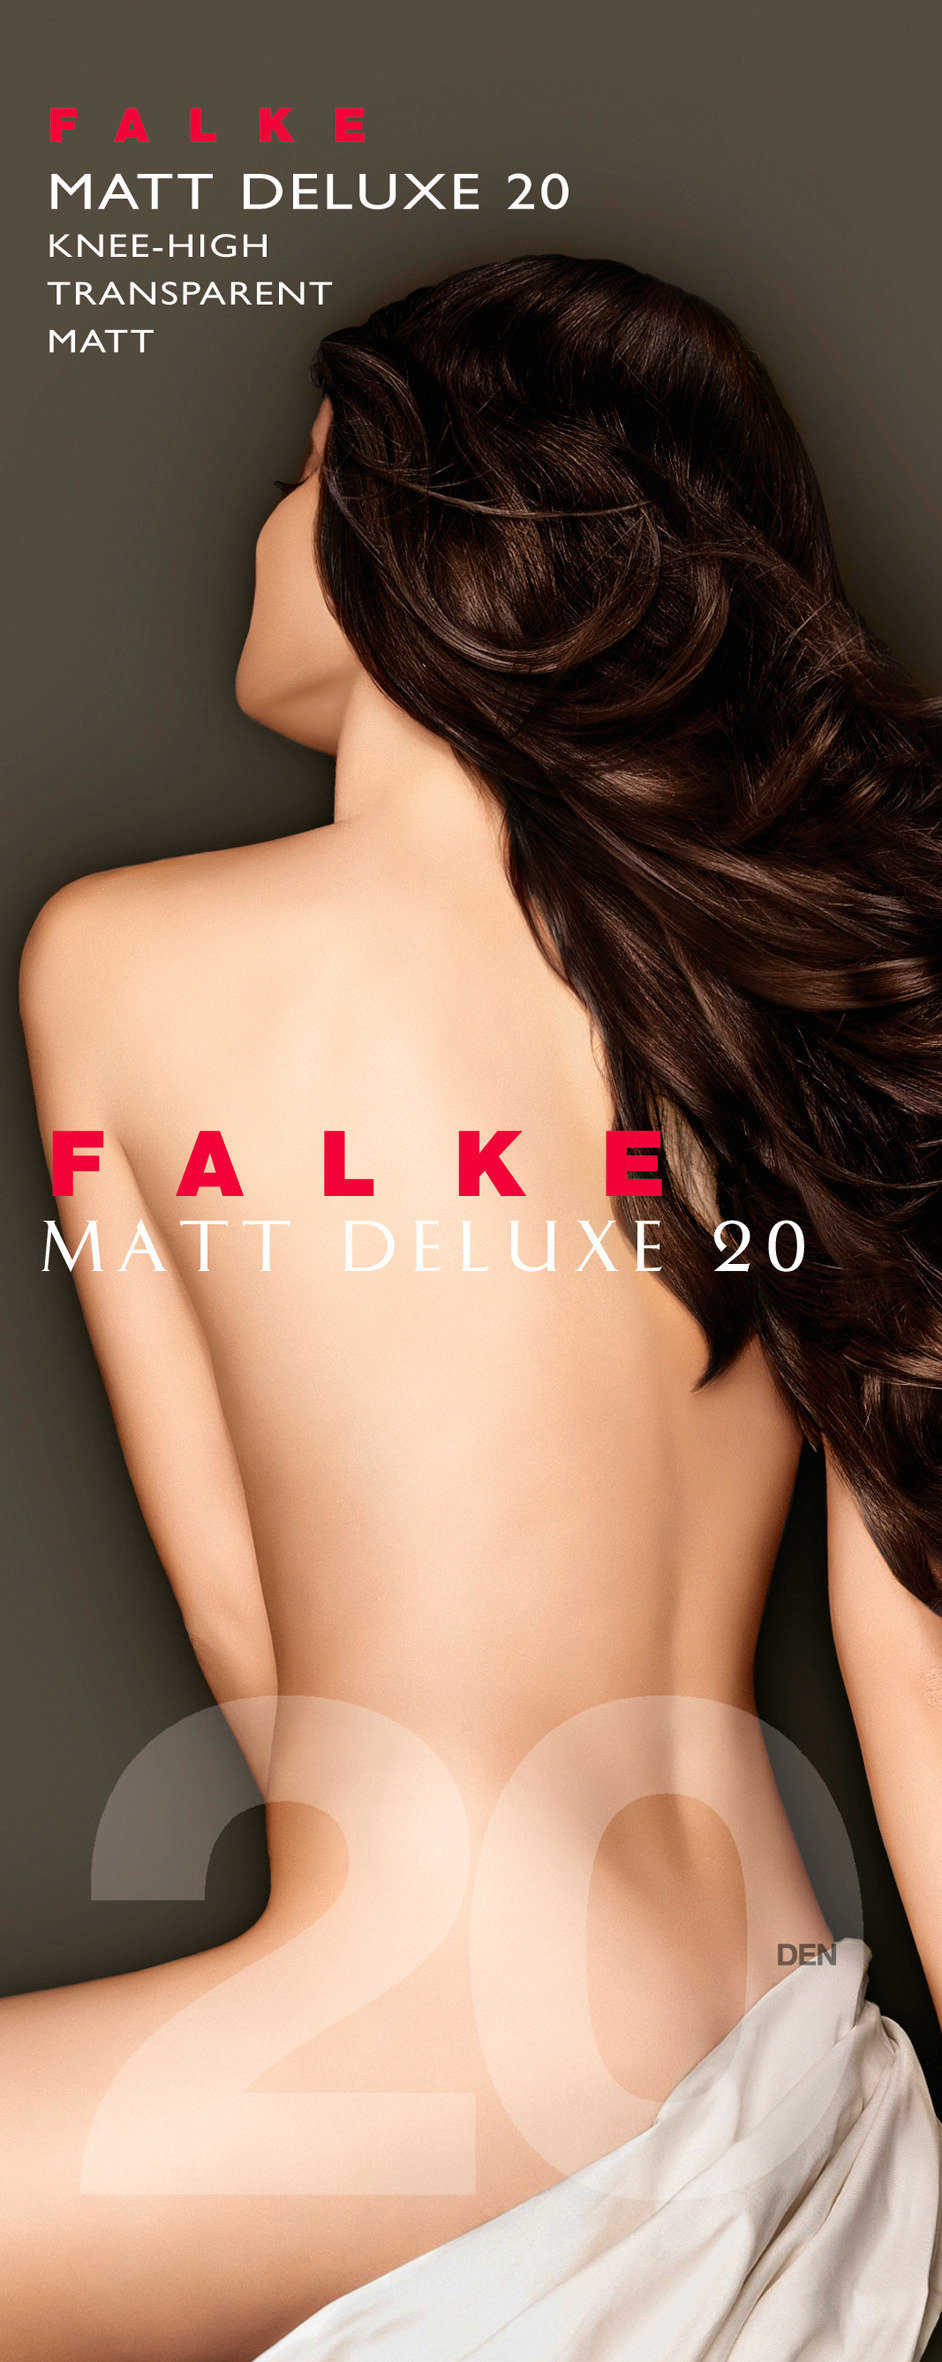 FALKE Matt Deluxe 20 DEN ladies knee socks POWDER